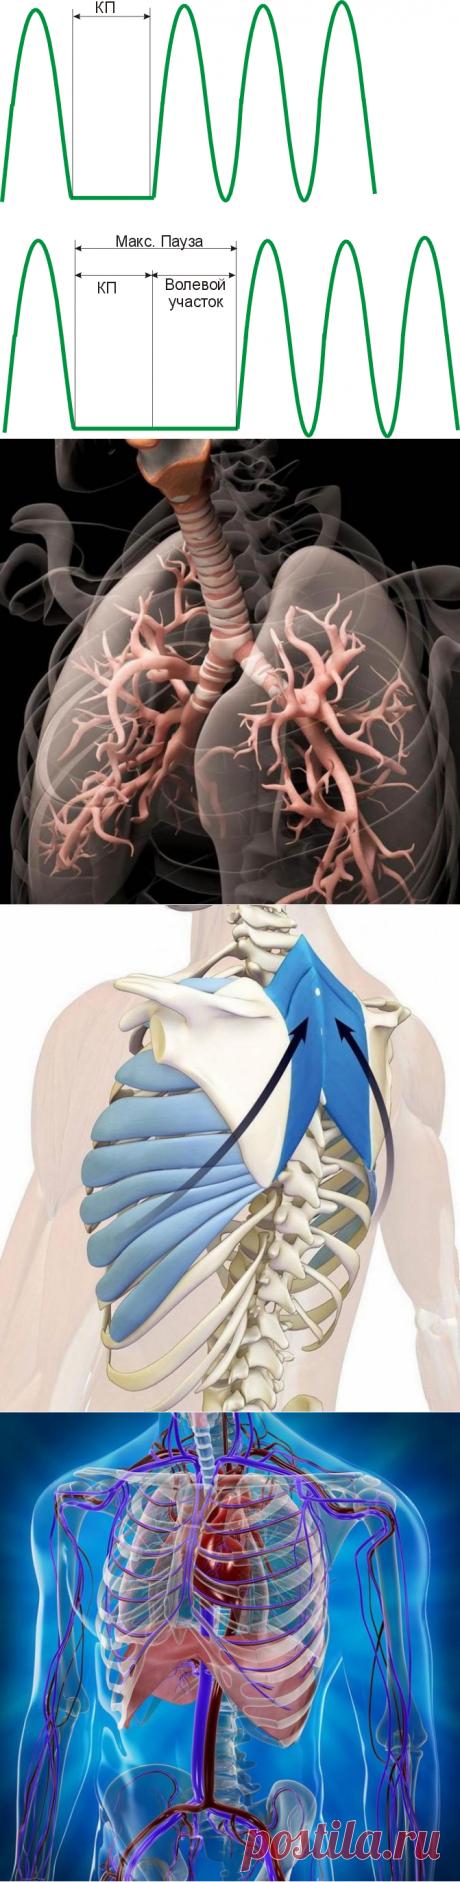 Как мы губим свое здоровье дыханием